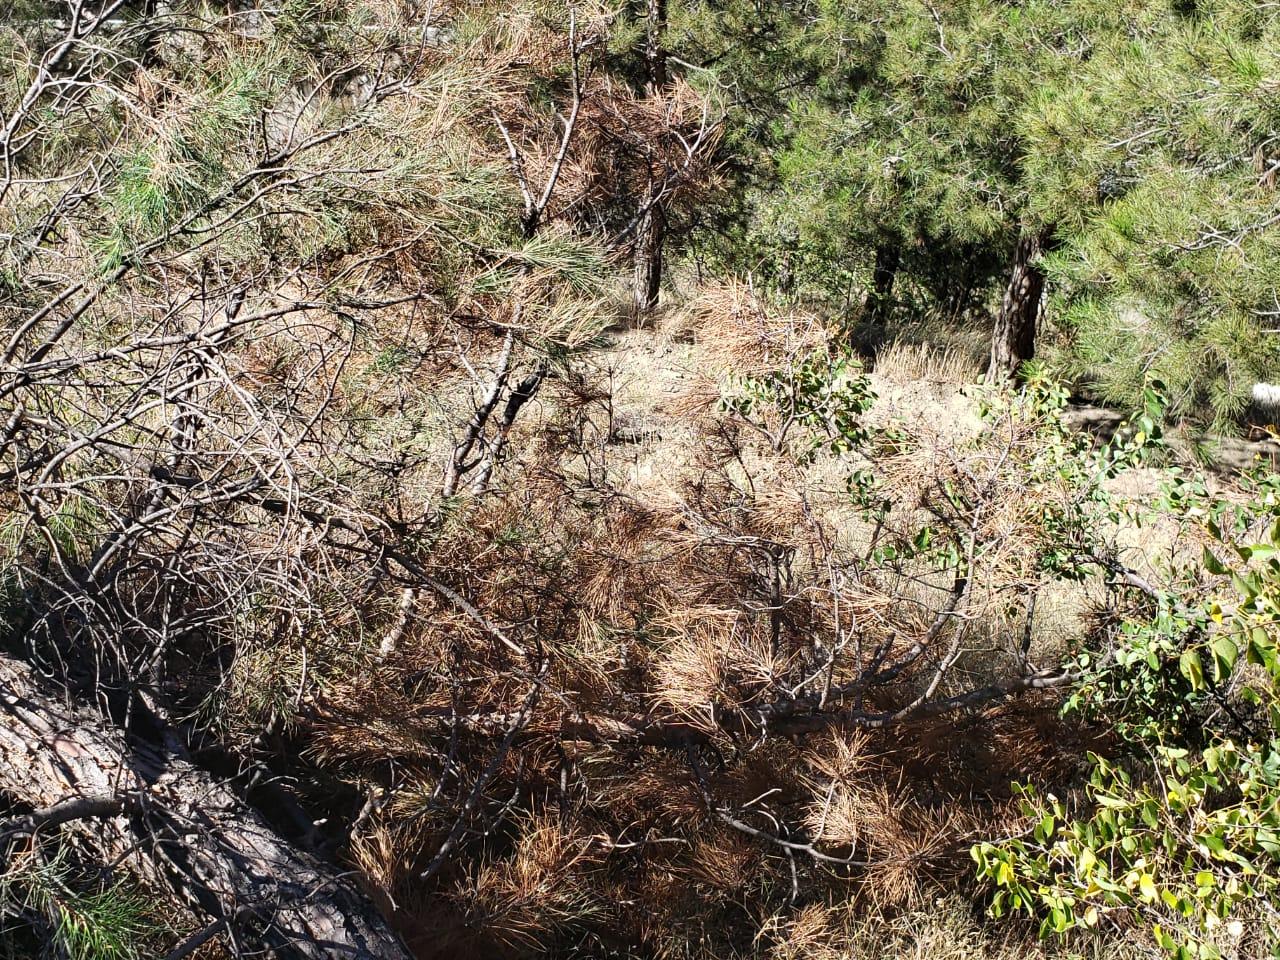 საბურთალოს რაიონში დაავადებული ხეების სანიტარიული ჭრები განხორციელდა